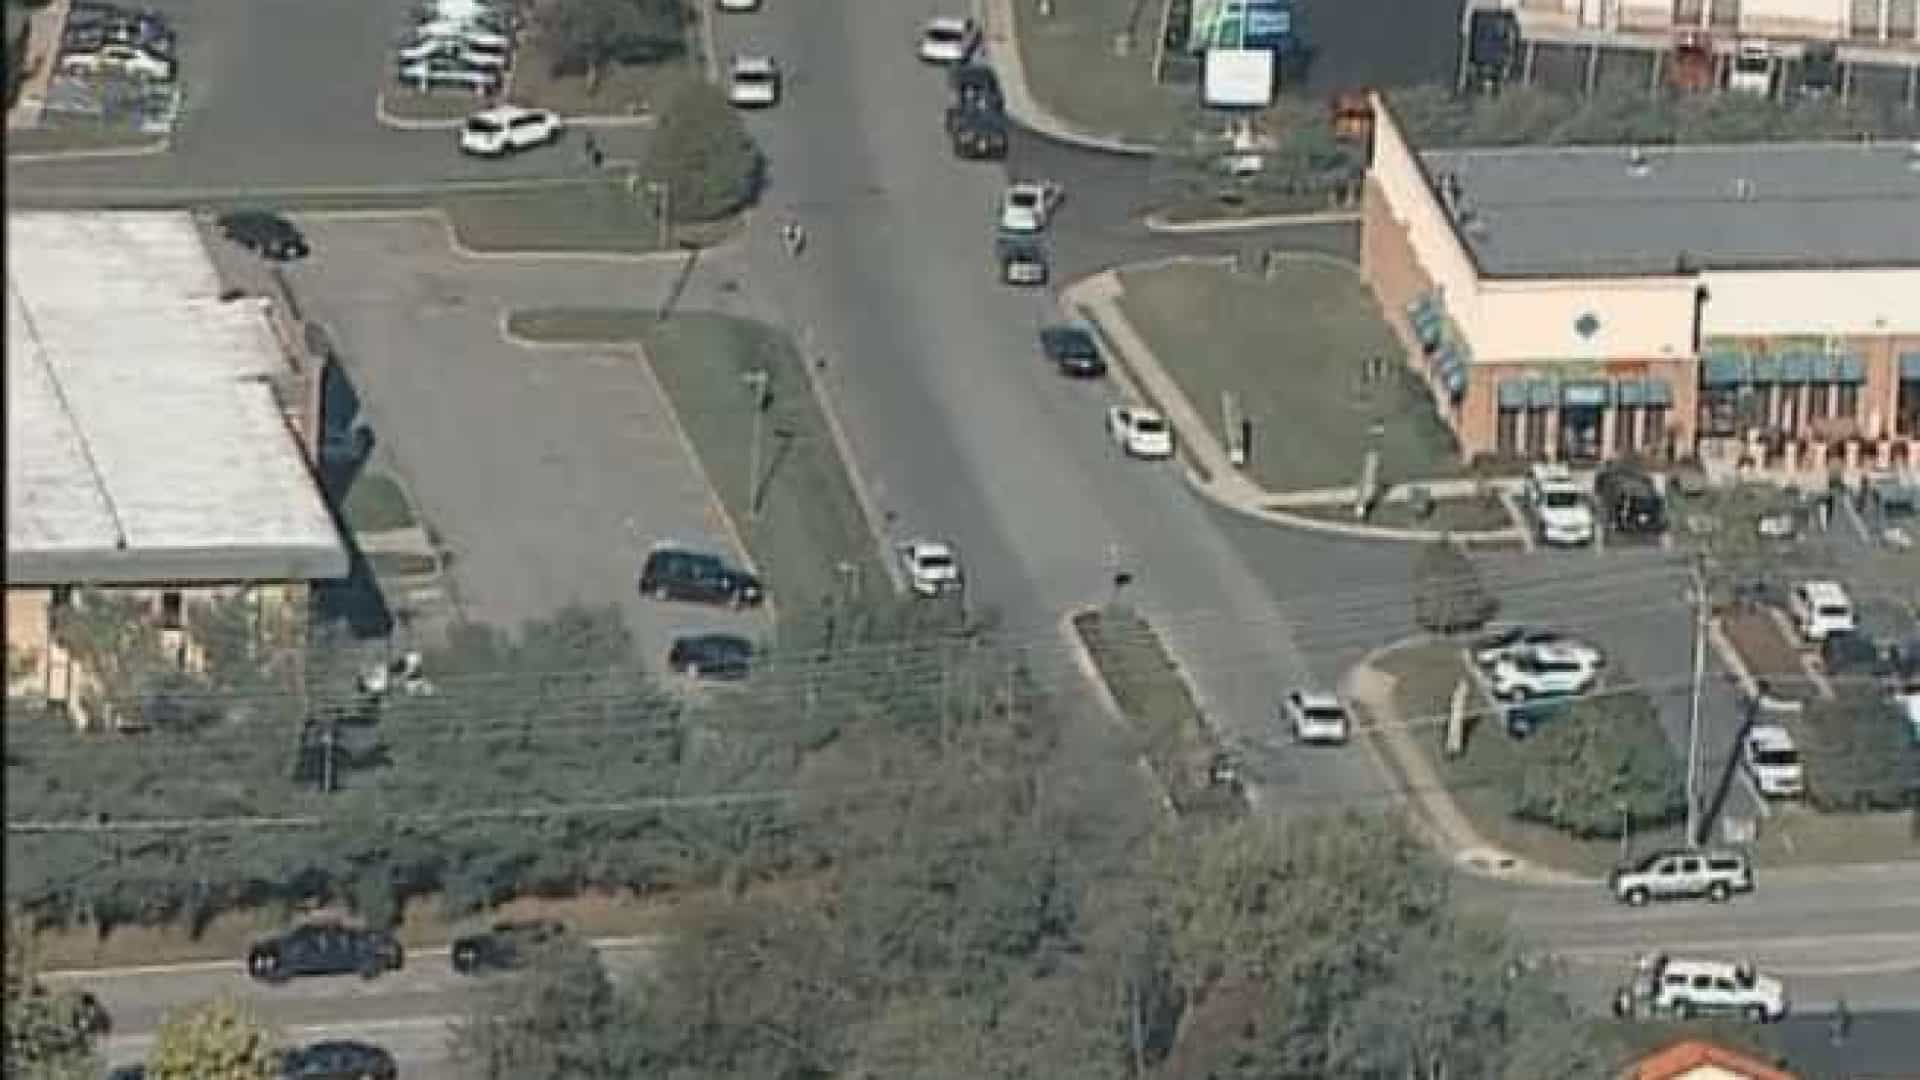 Três mortos em tiroteio dentro de empresa. Atirador em fuga